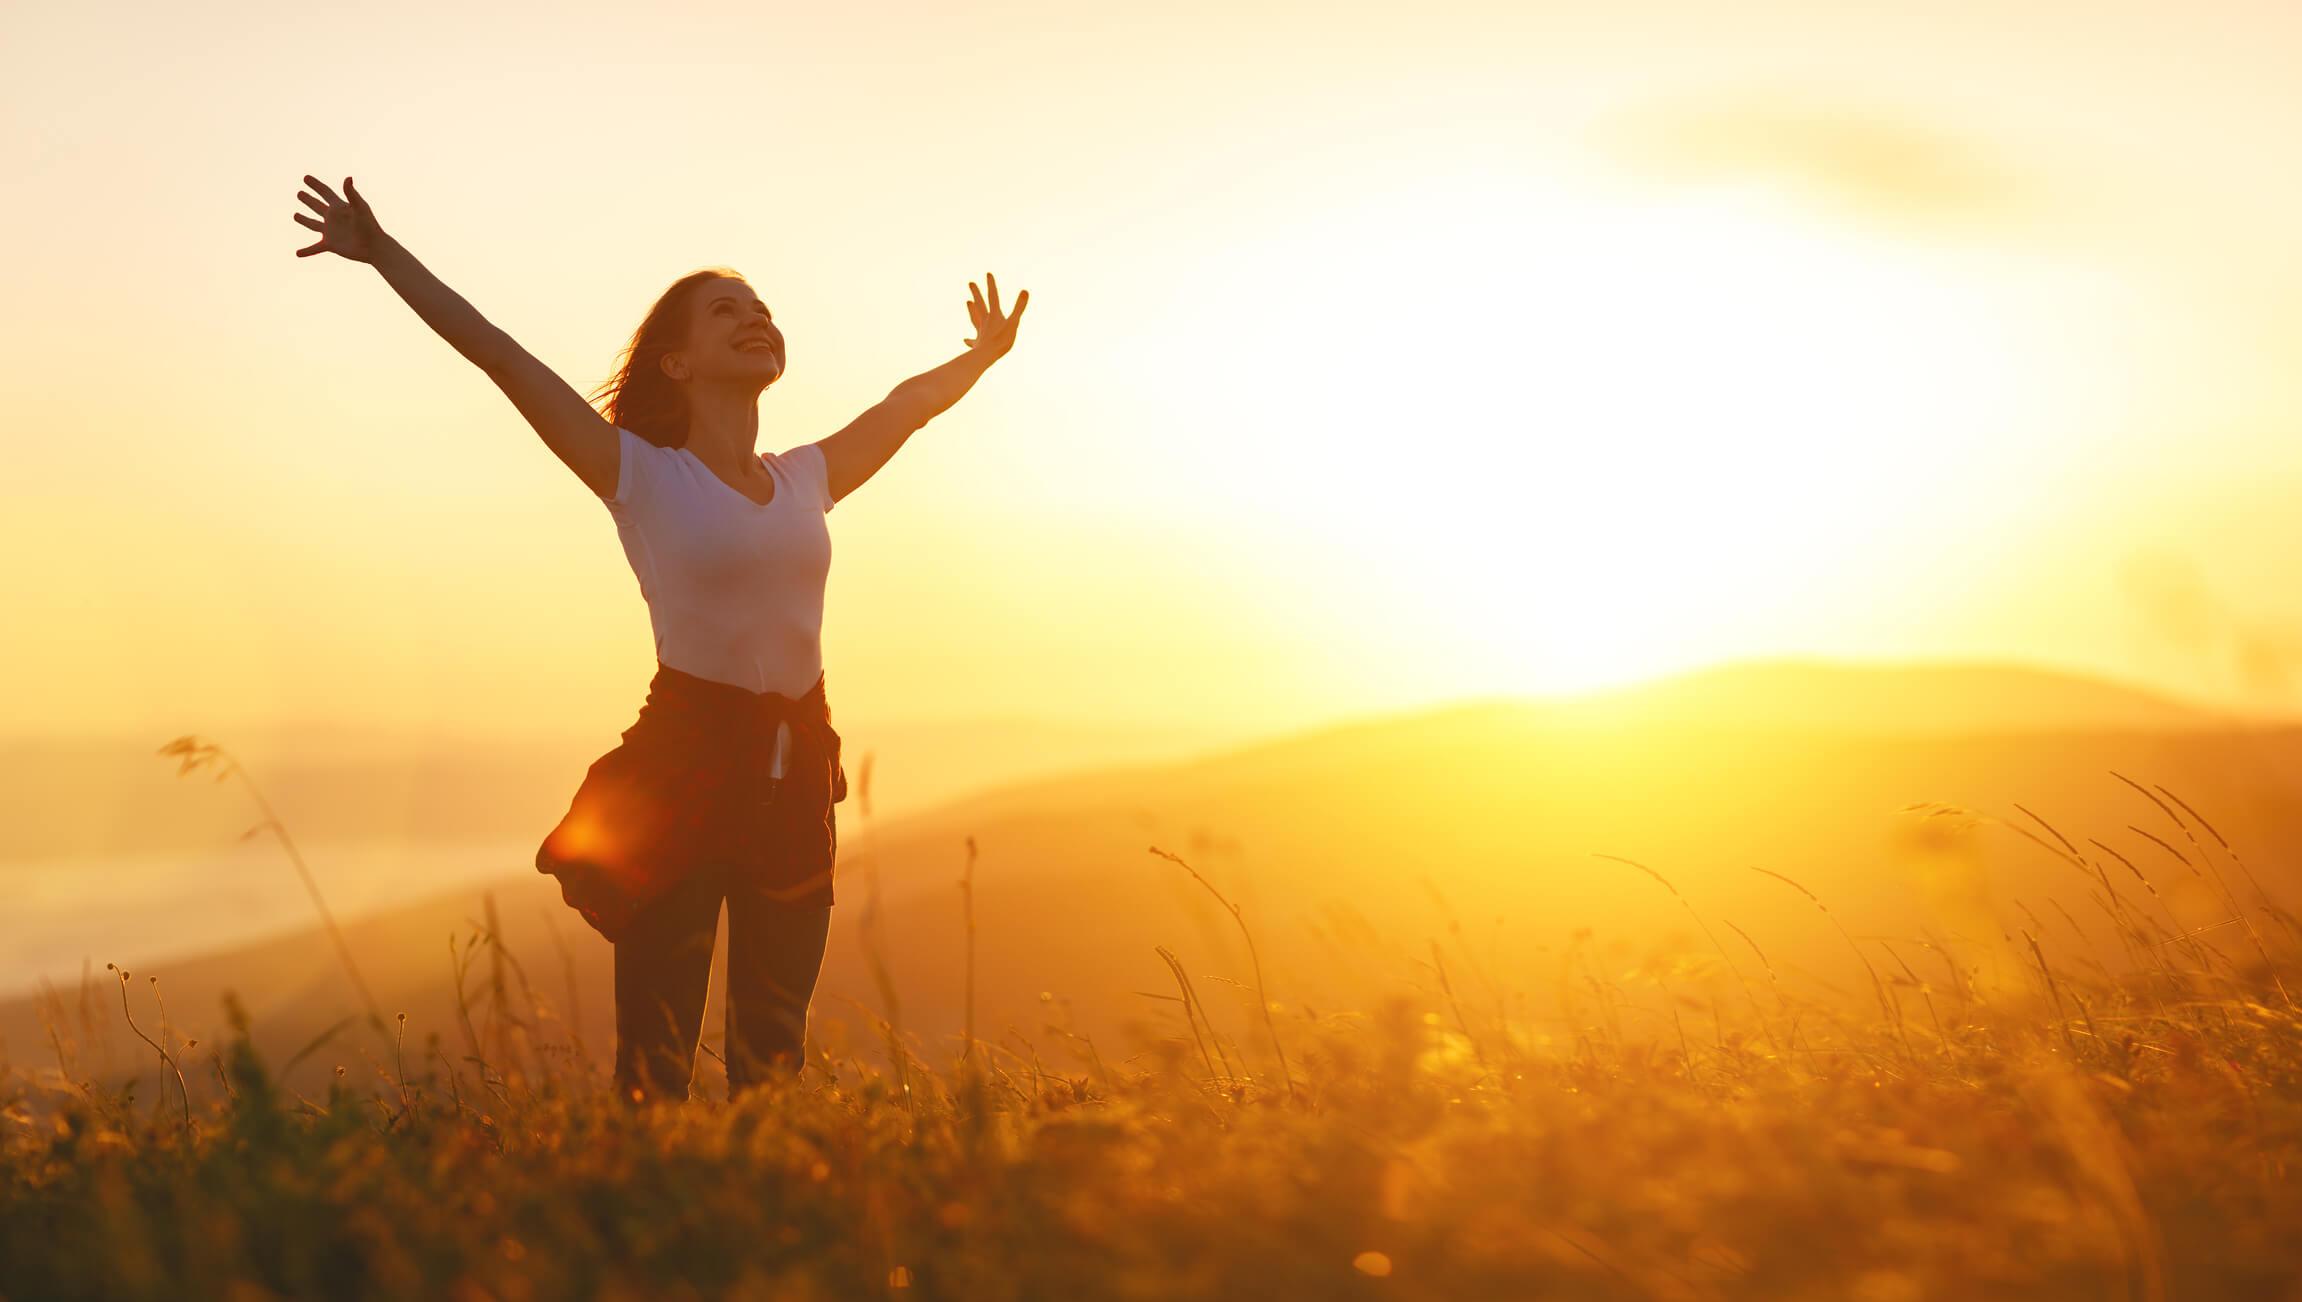 حافظي على صحتك في خمس خطوات 💪